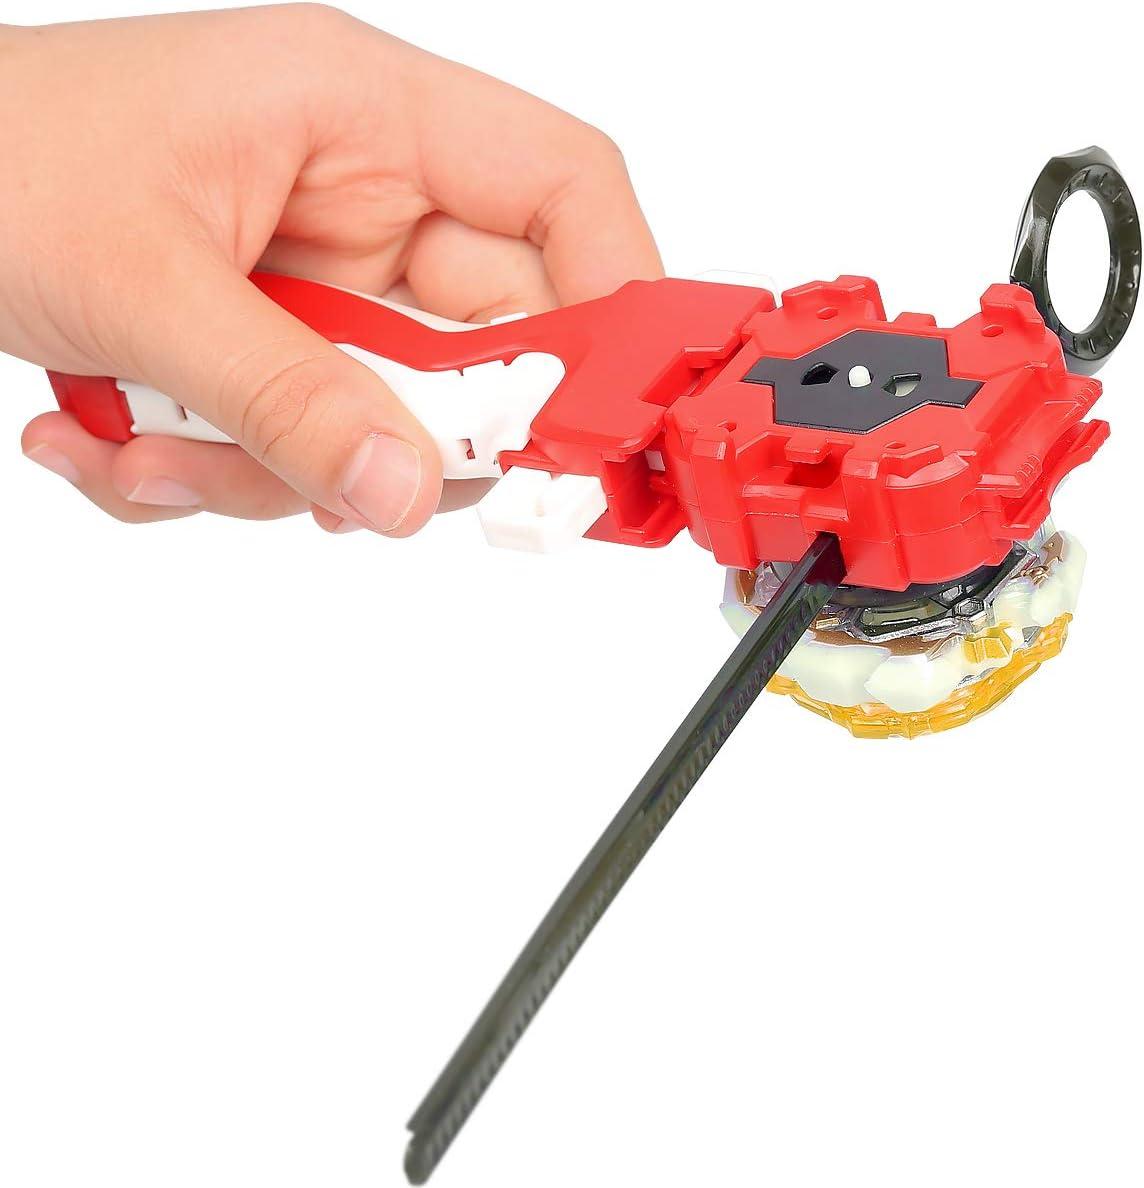 perfeclan Burst Launcher Izquierda Derecha Bidireccional Wire Launcher Burst Gyro Accesorios para Juegos Agarre /único